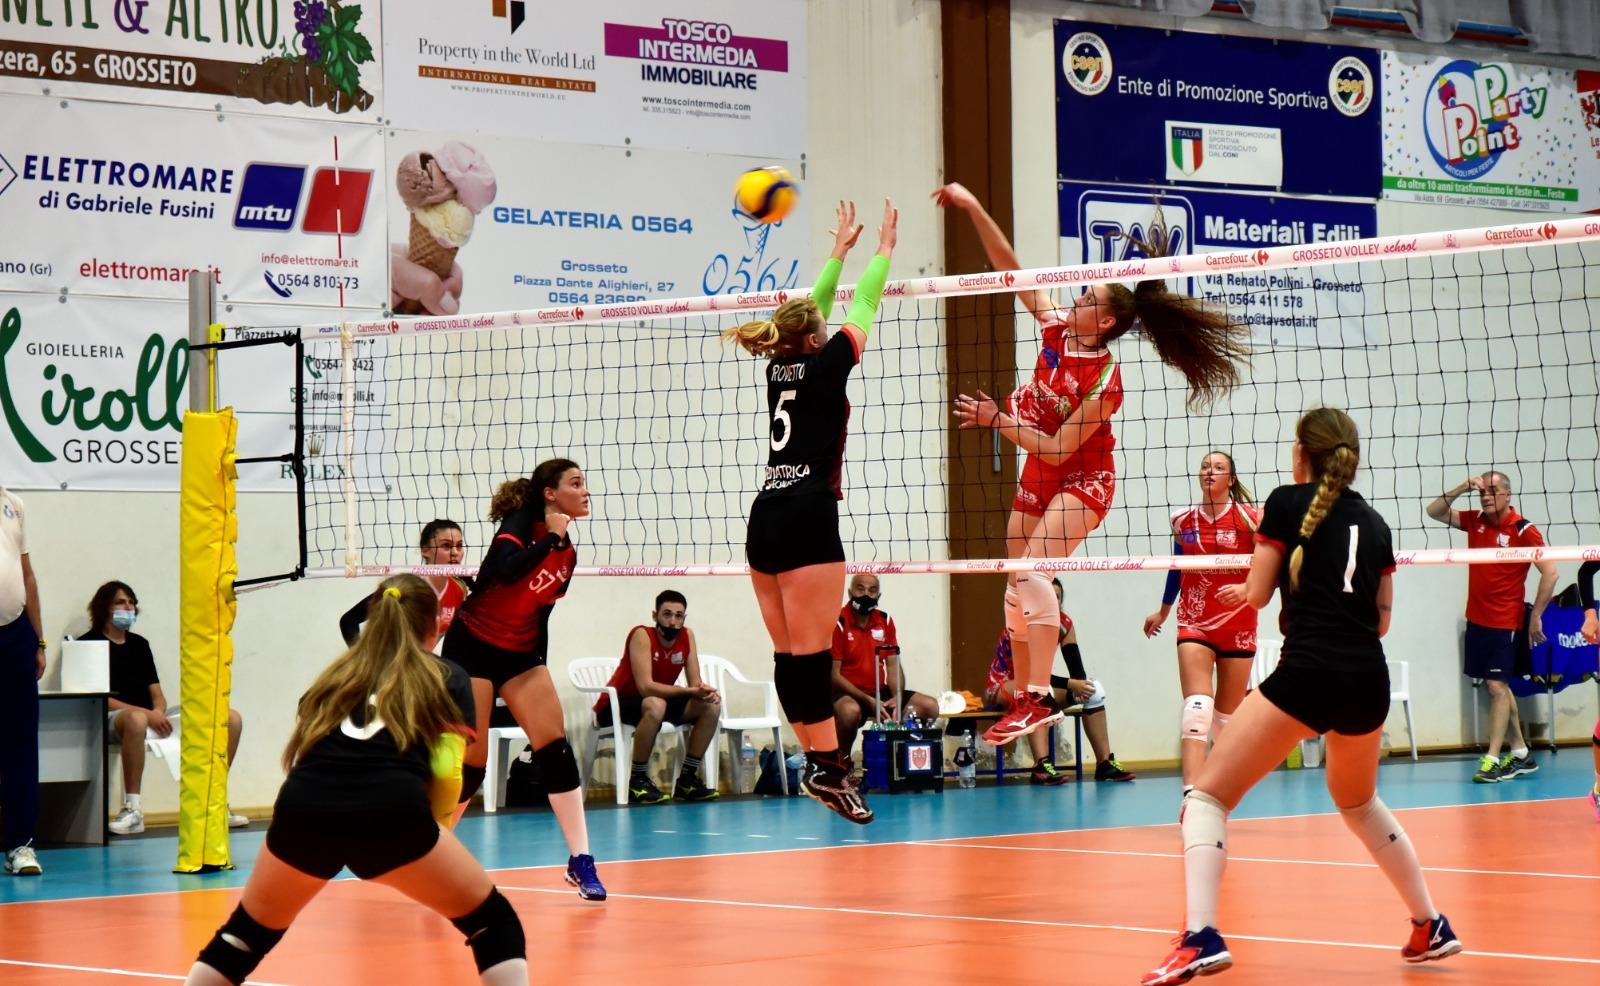 grosseto volley school squadra under 19 azione di gioco1